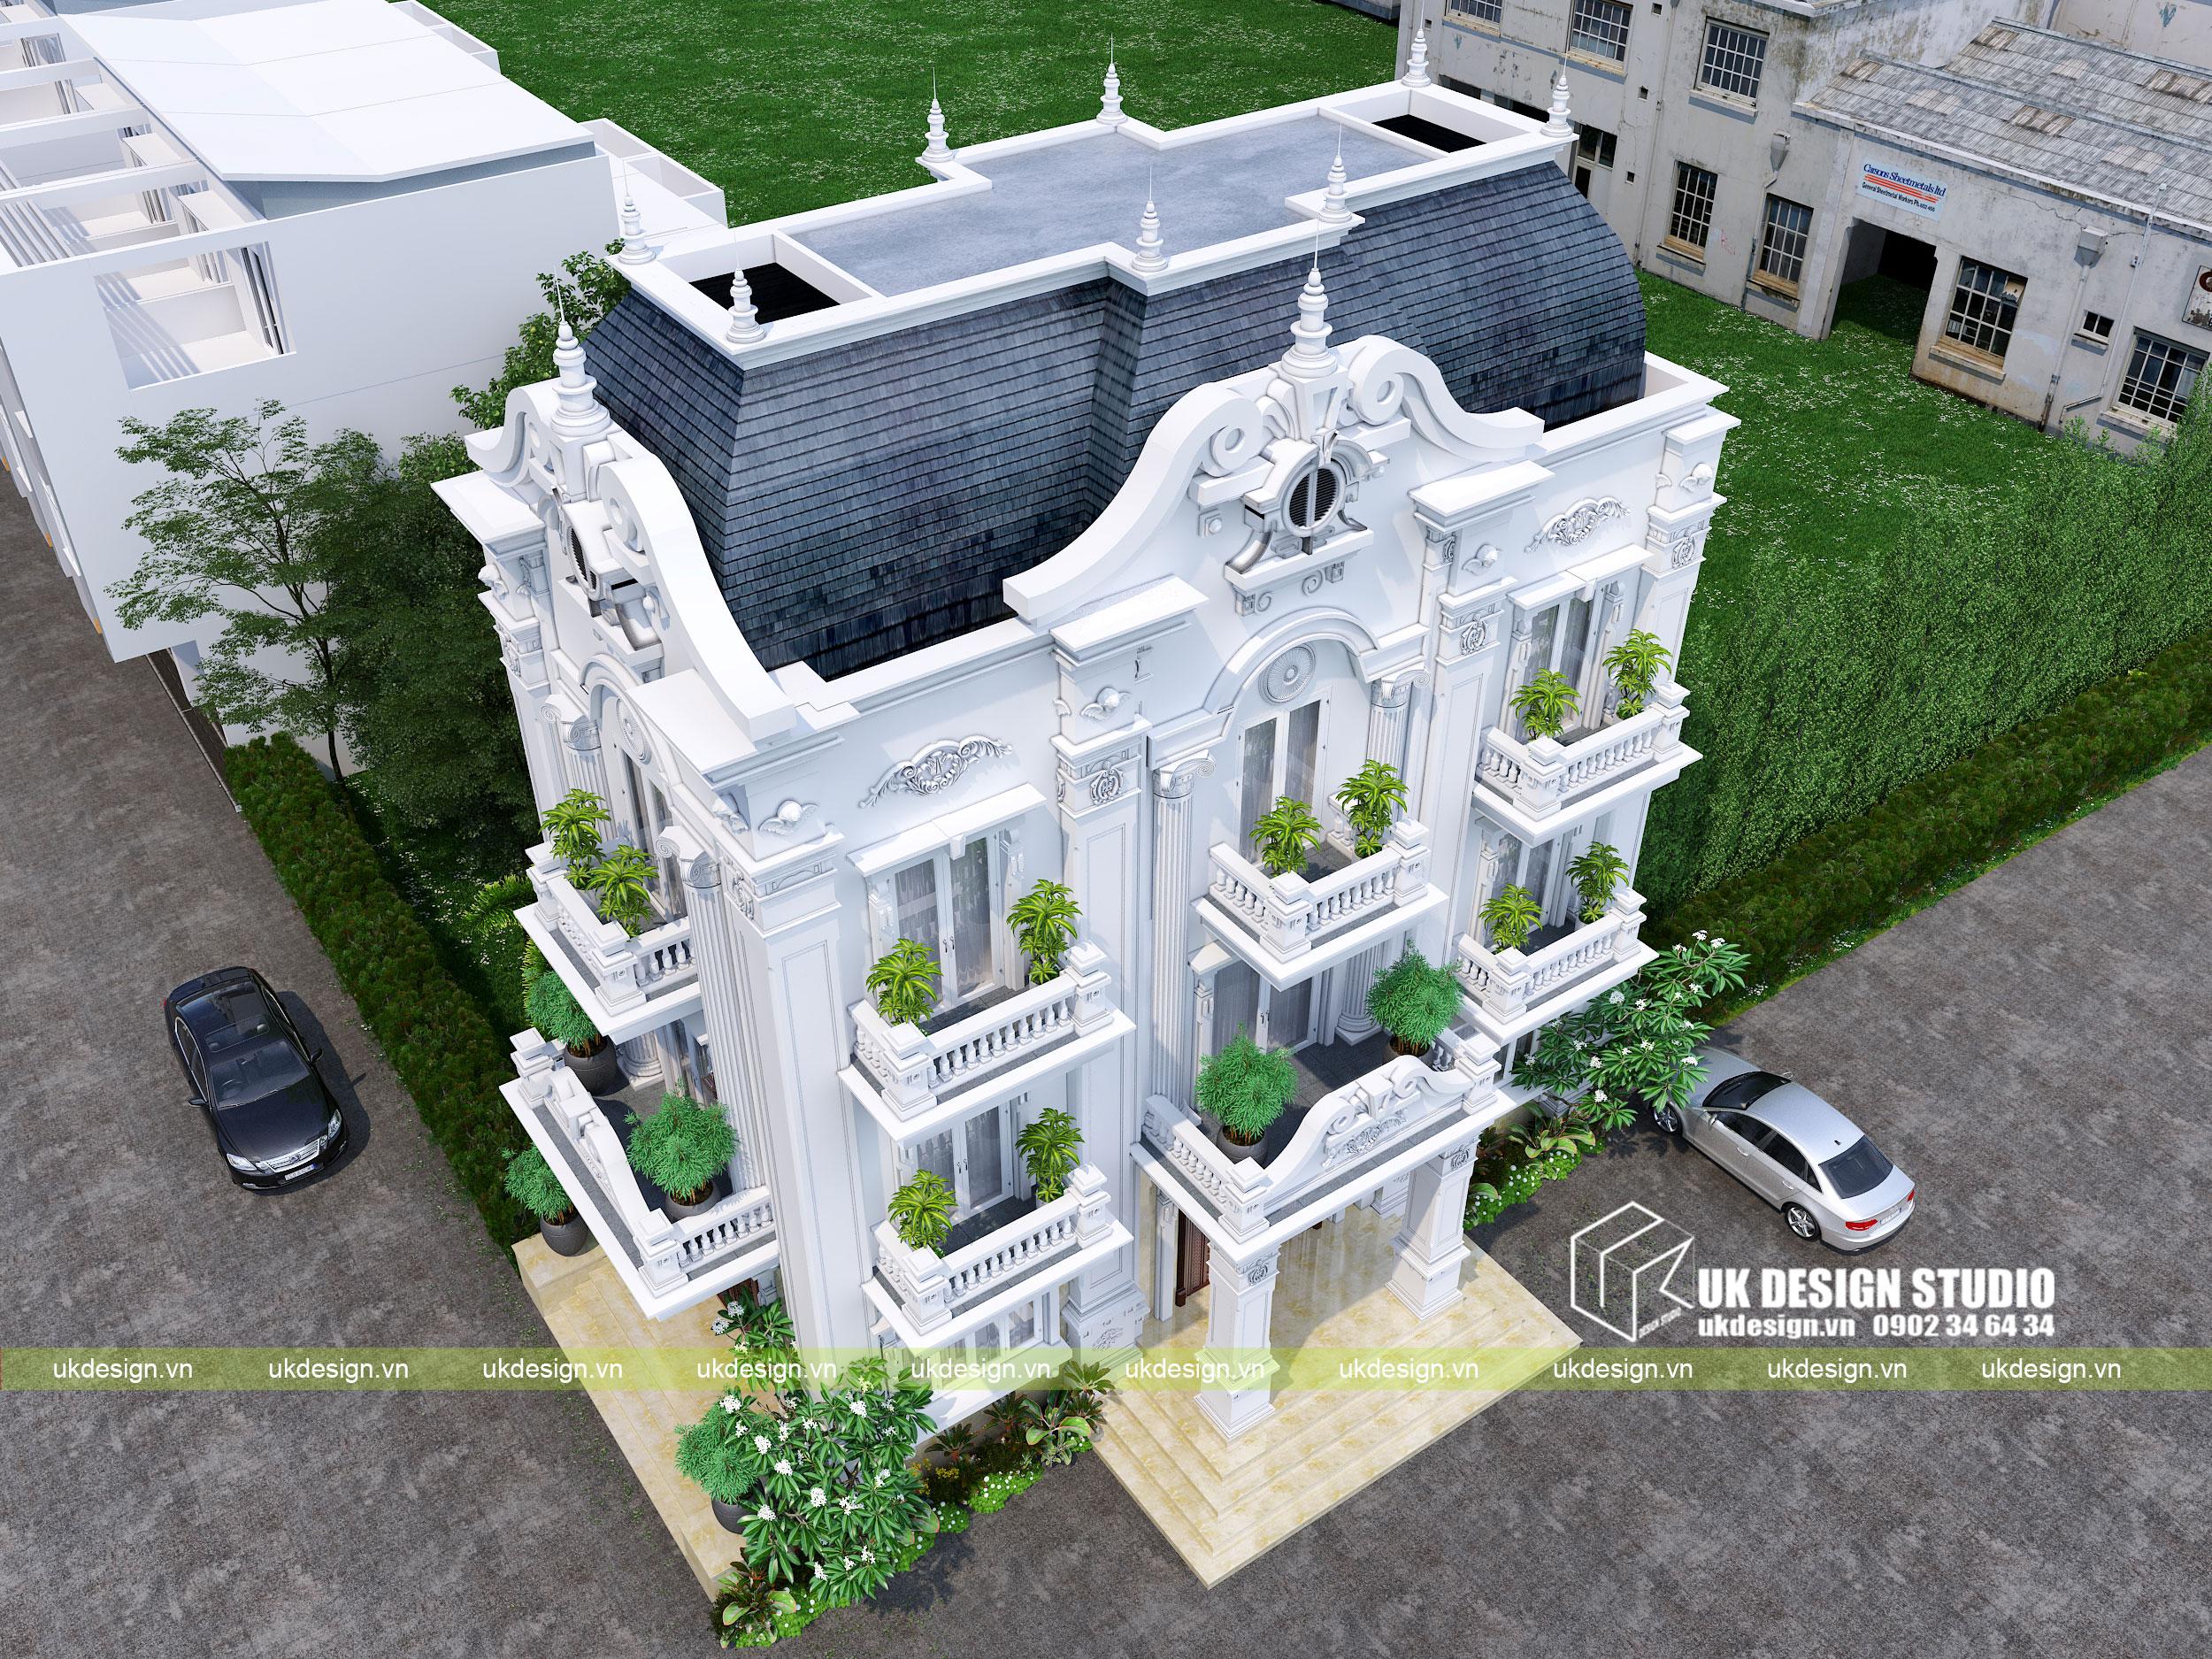 Thiết kế nhà phố cổ điển 2 mặt tiền - 2